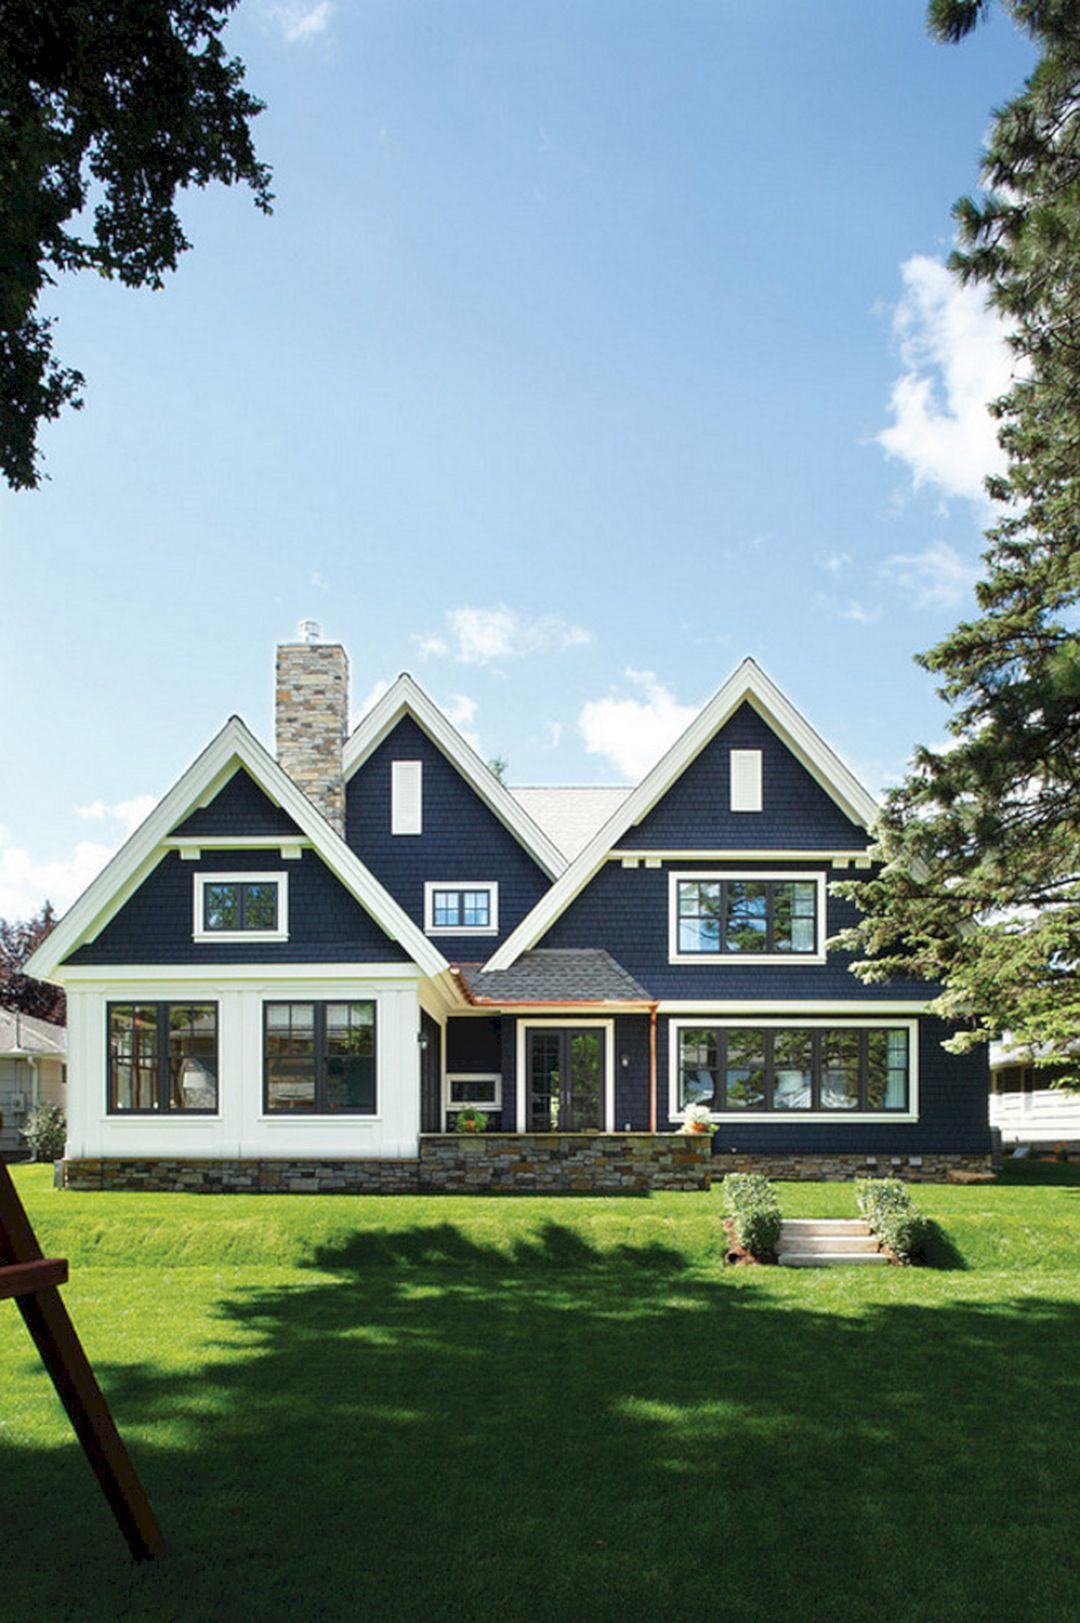 Idea Exterior Home Design: Awesome Exterior House Colors Idea (Awesome Exterior House